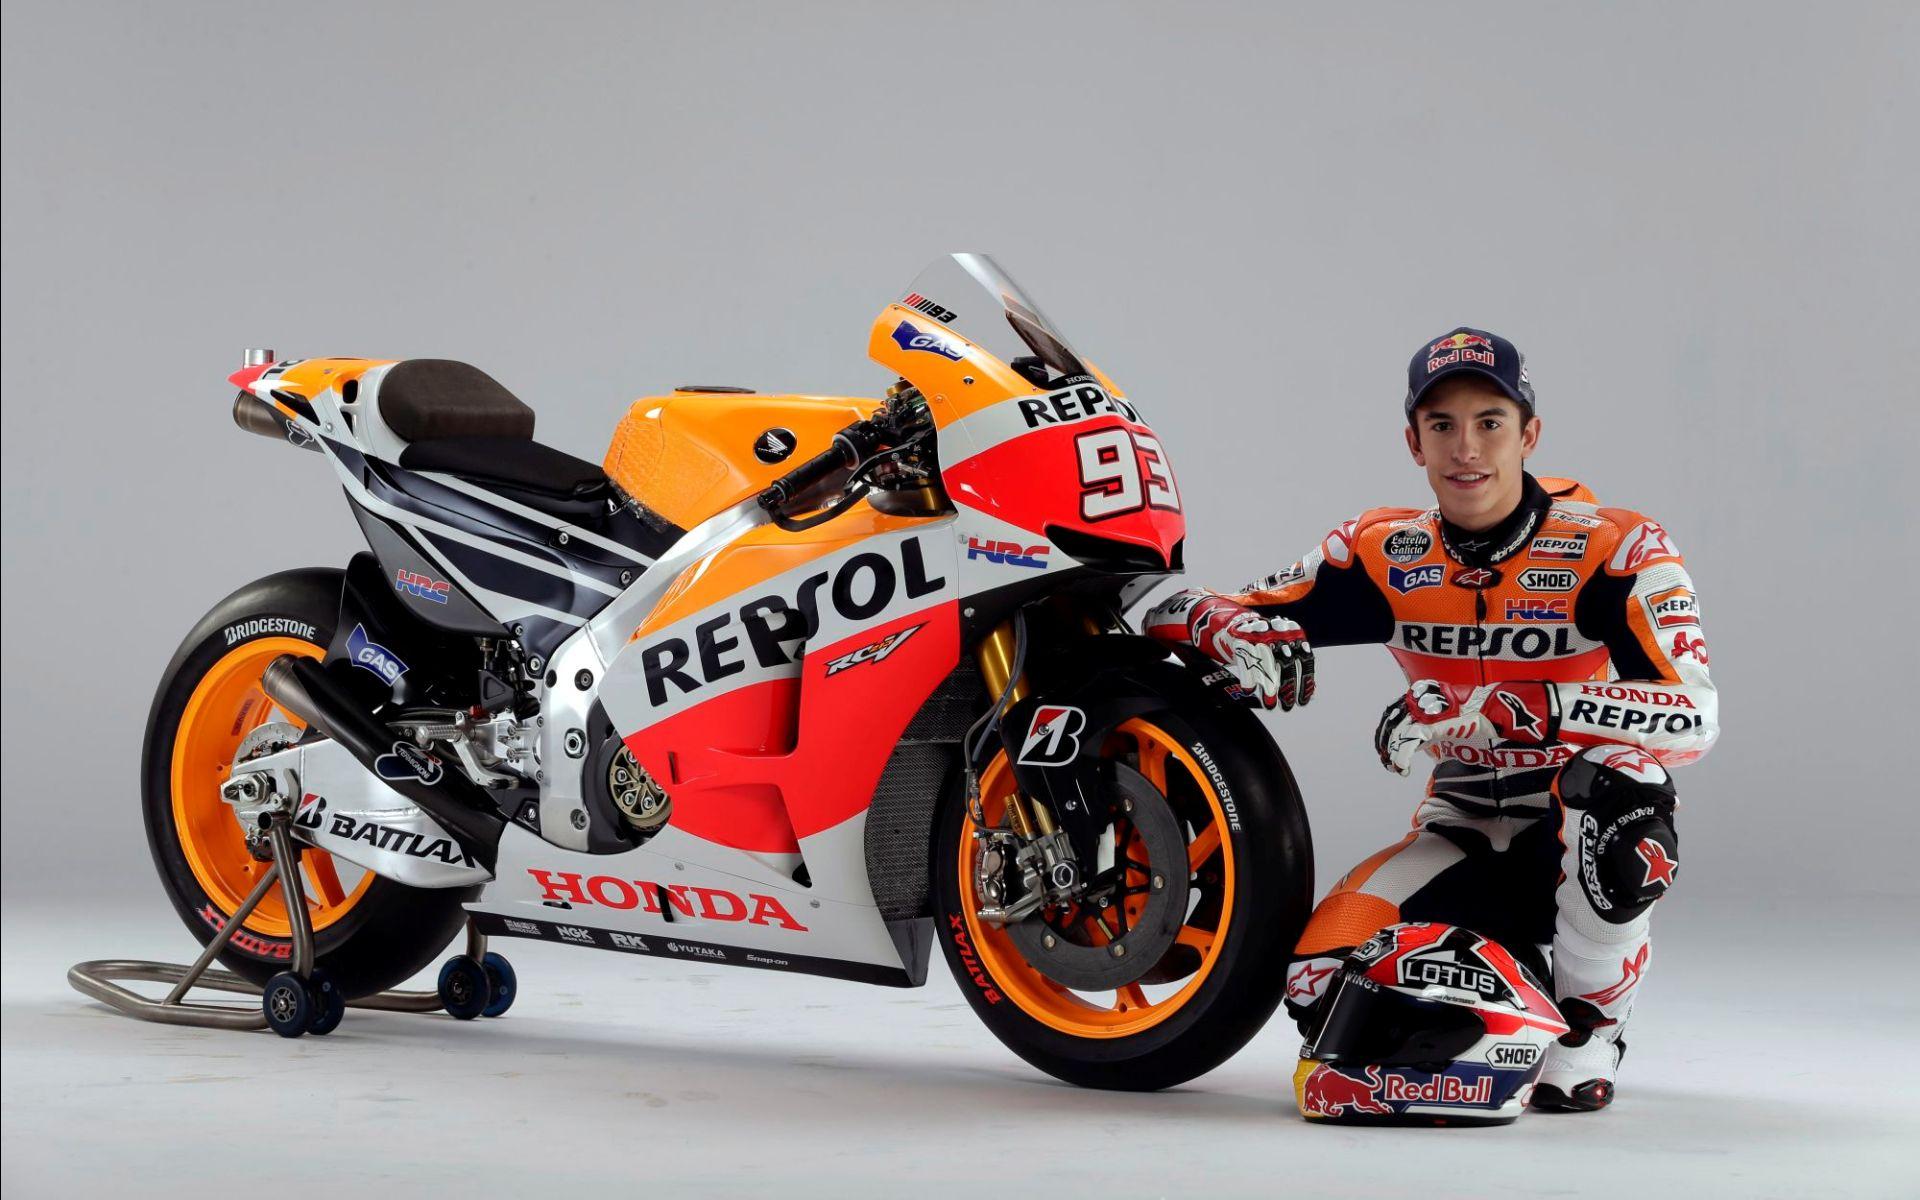 Marc-Marquez-93-Wallpapers-hd-Honda-Repsol-09